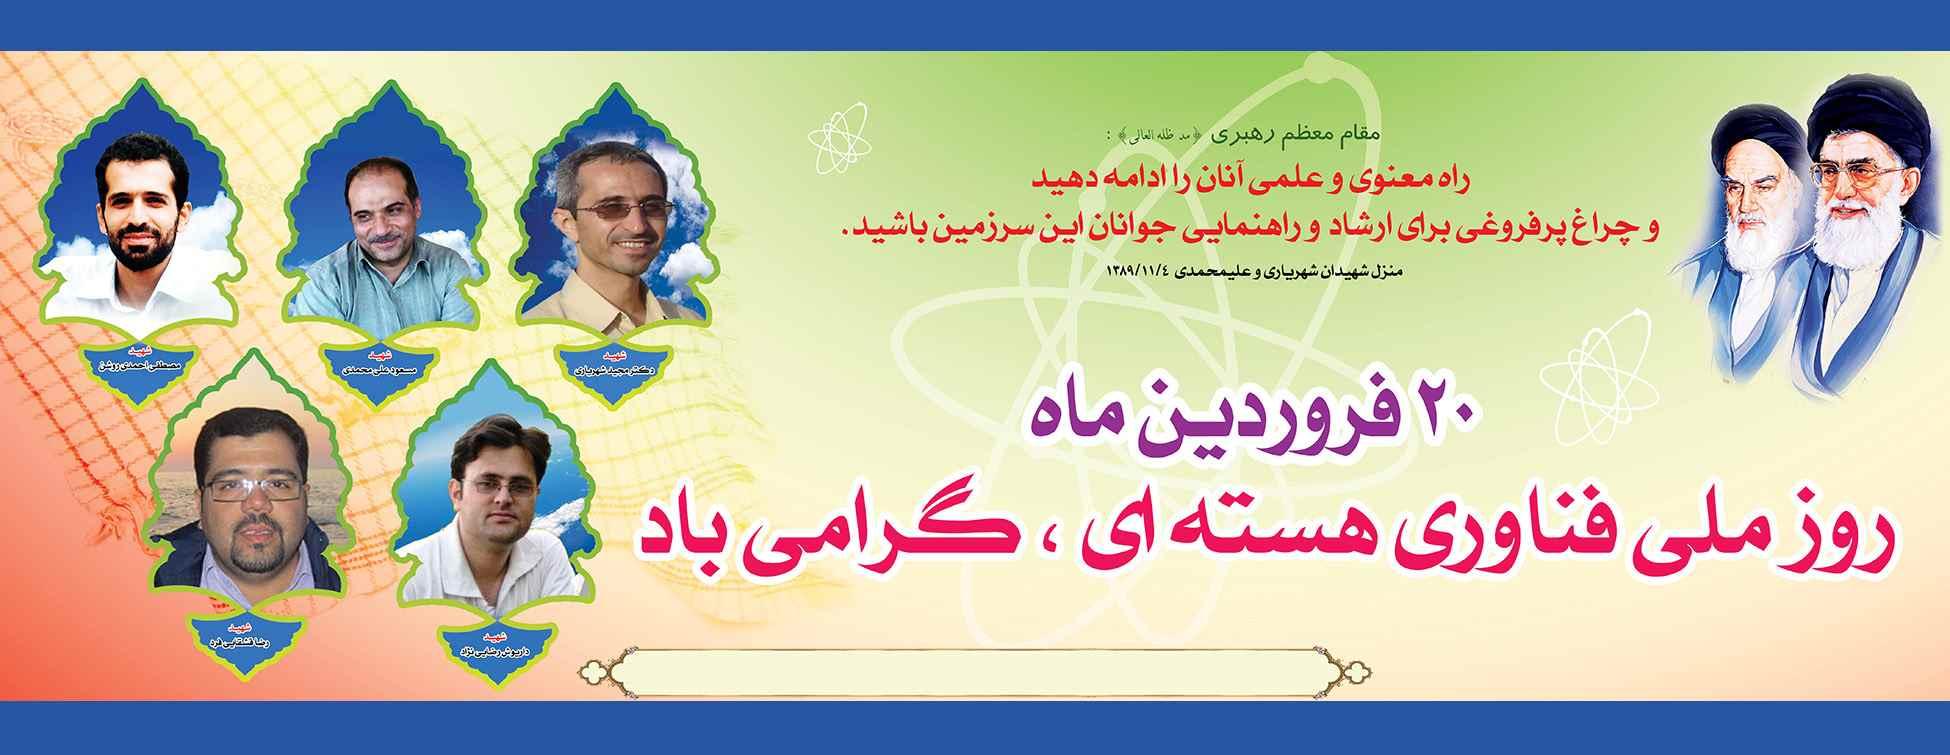 روز ملی فناوری هسته ای و روزهنر انقلاب اسلامی